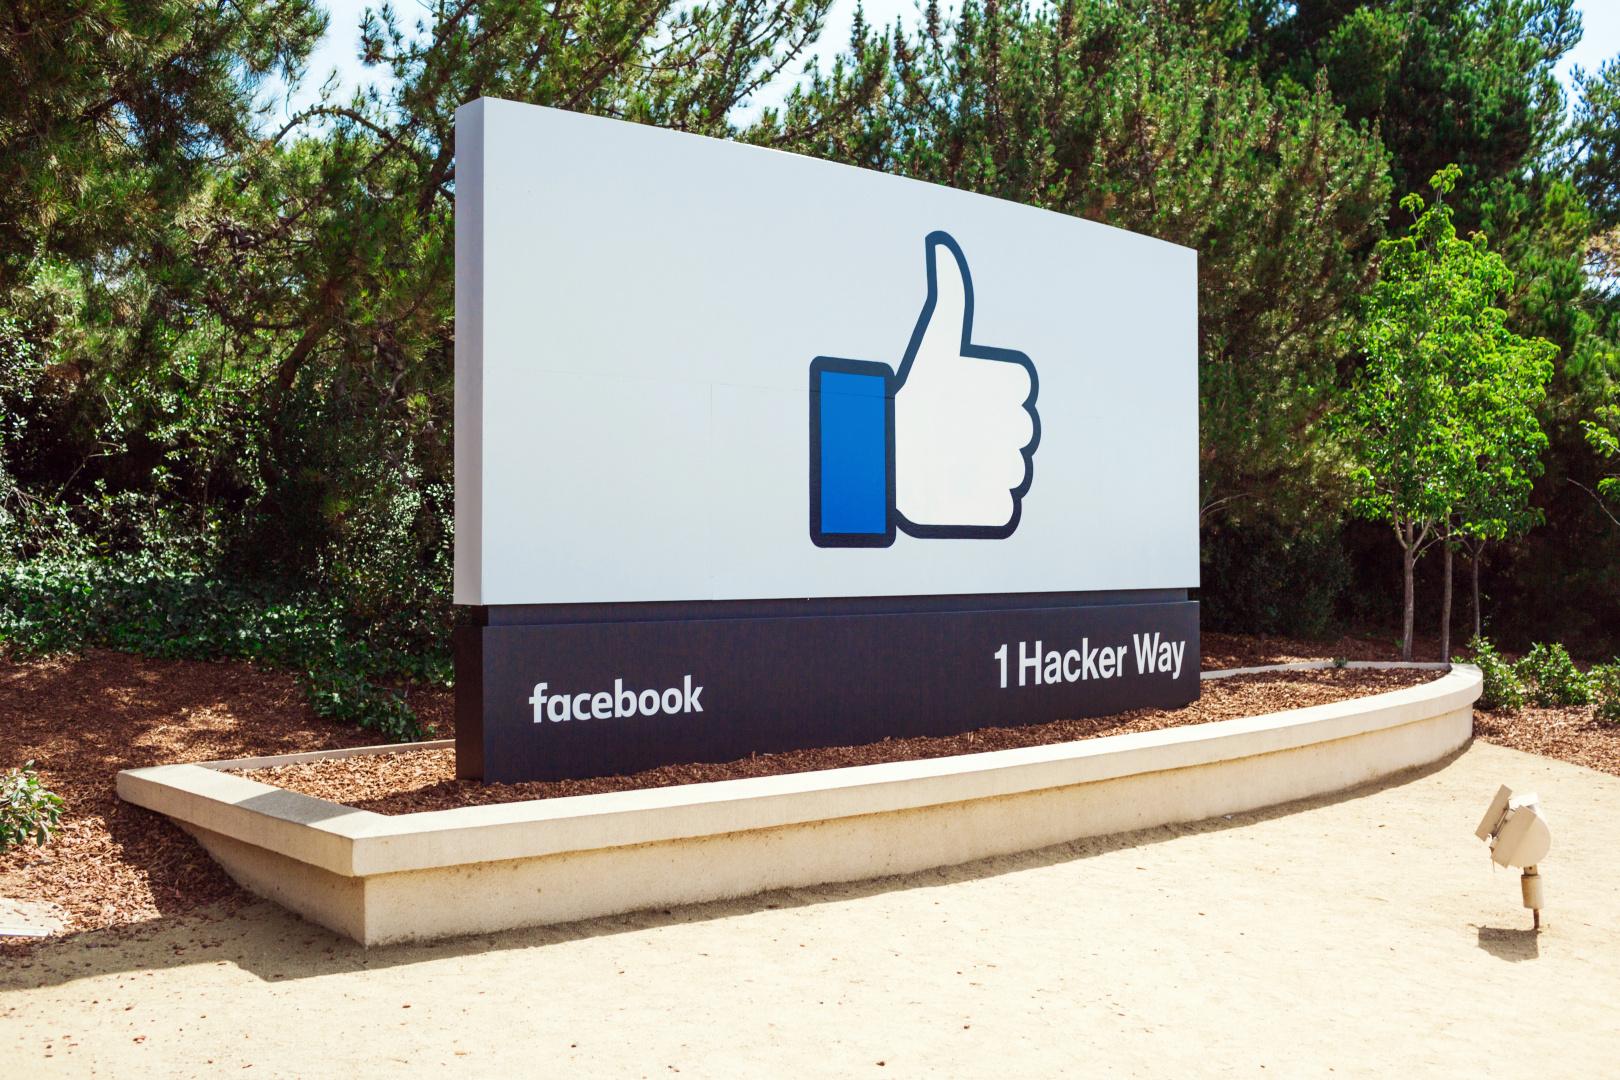 Det er fullt mulig å skru av Facebook-sporingen.